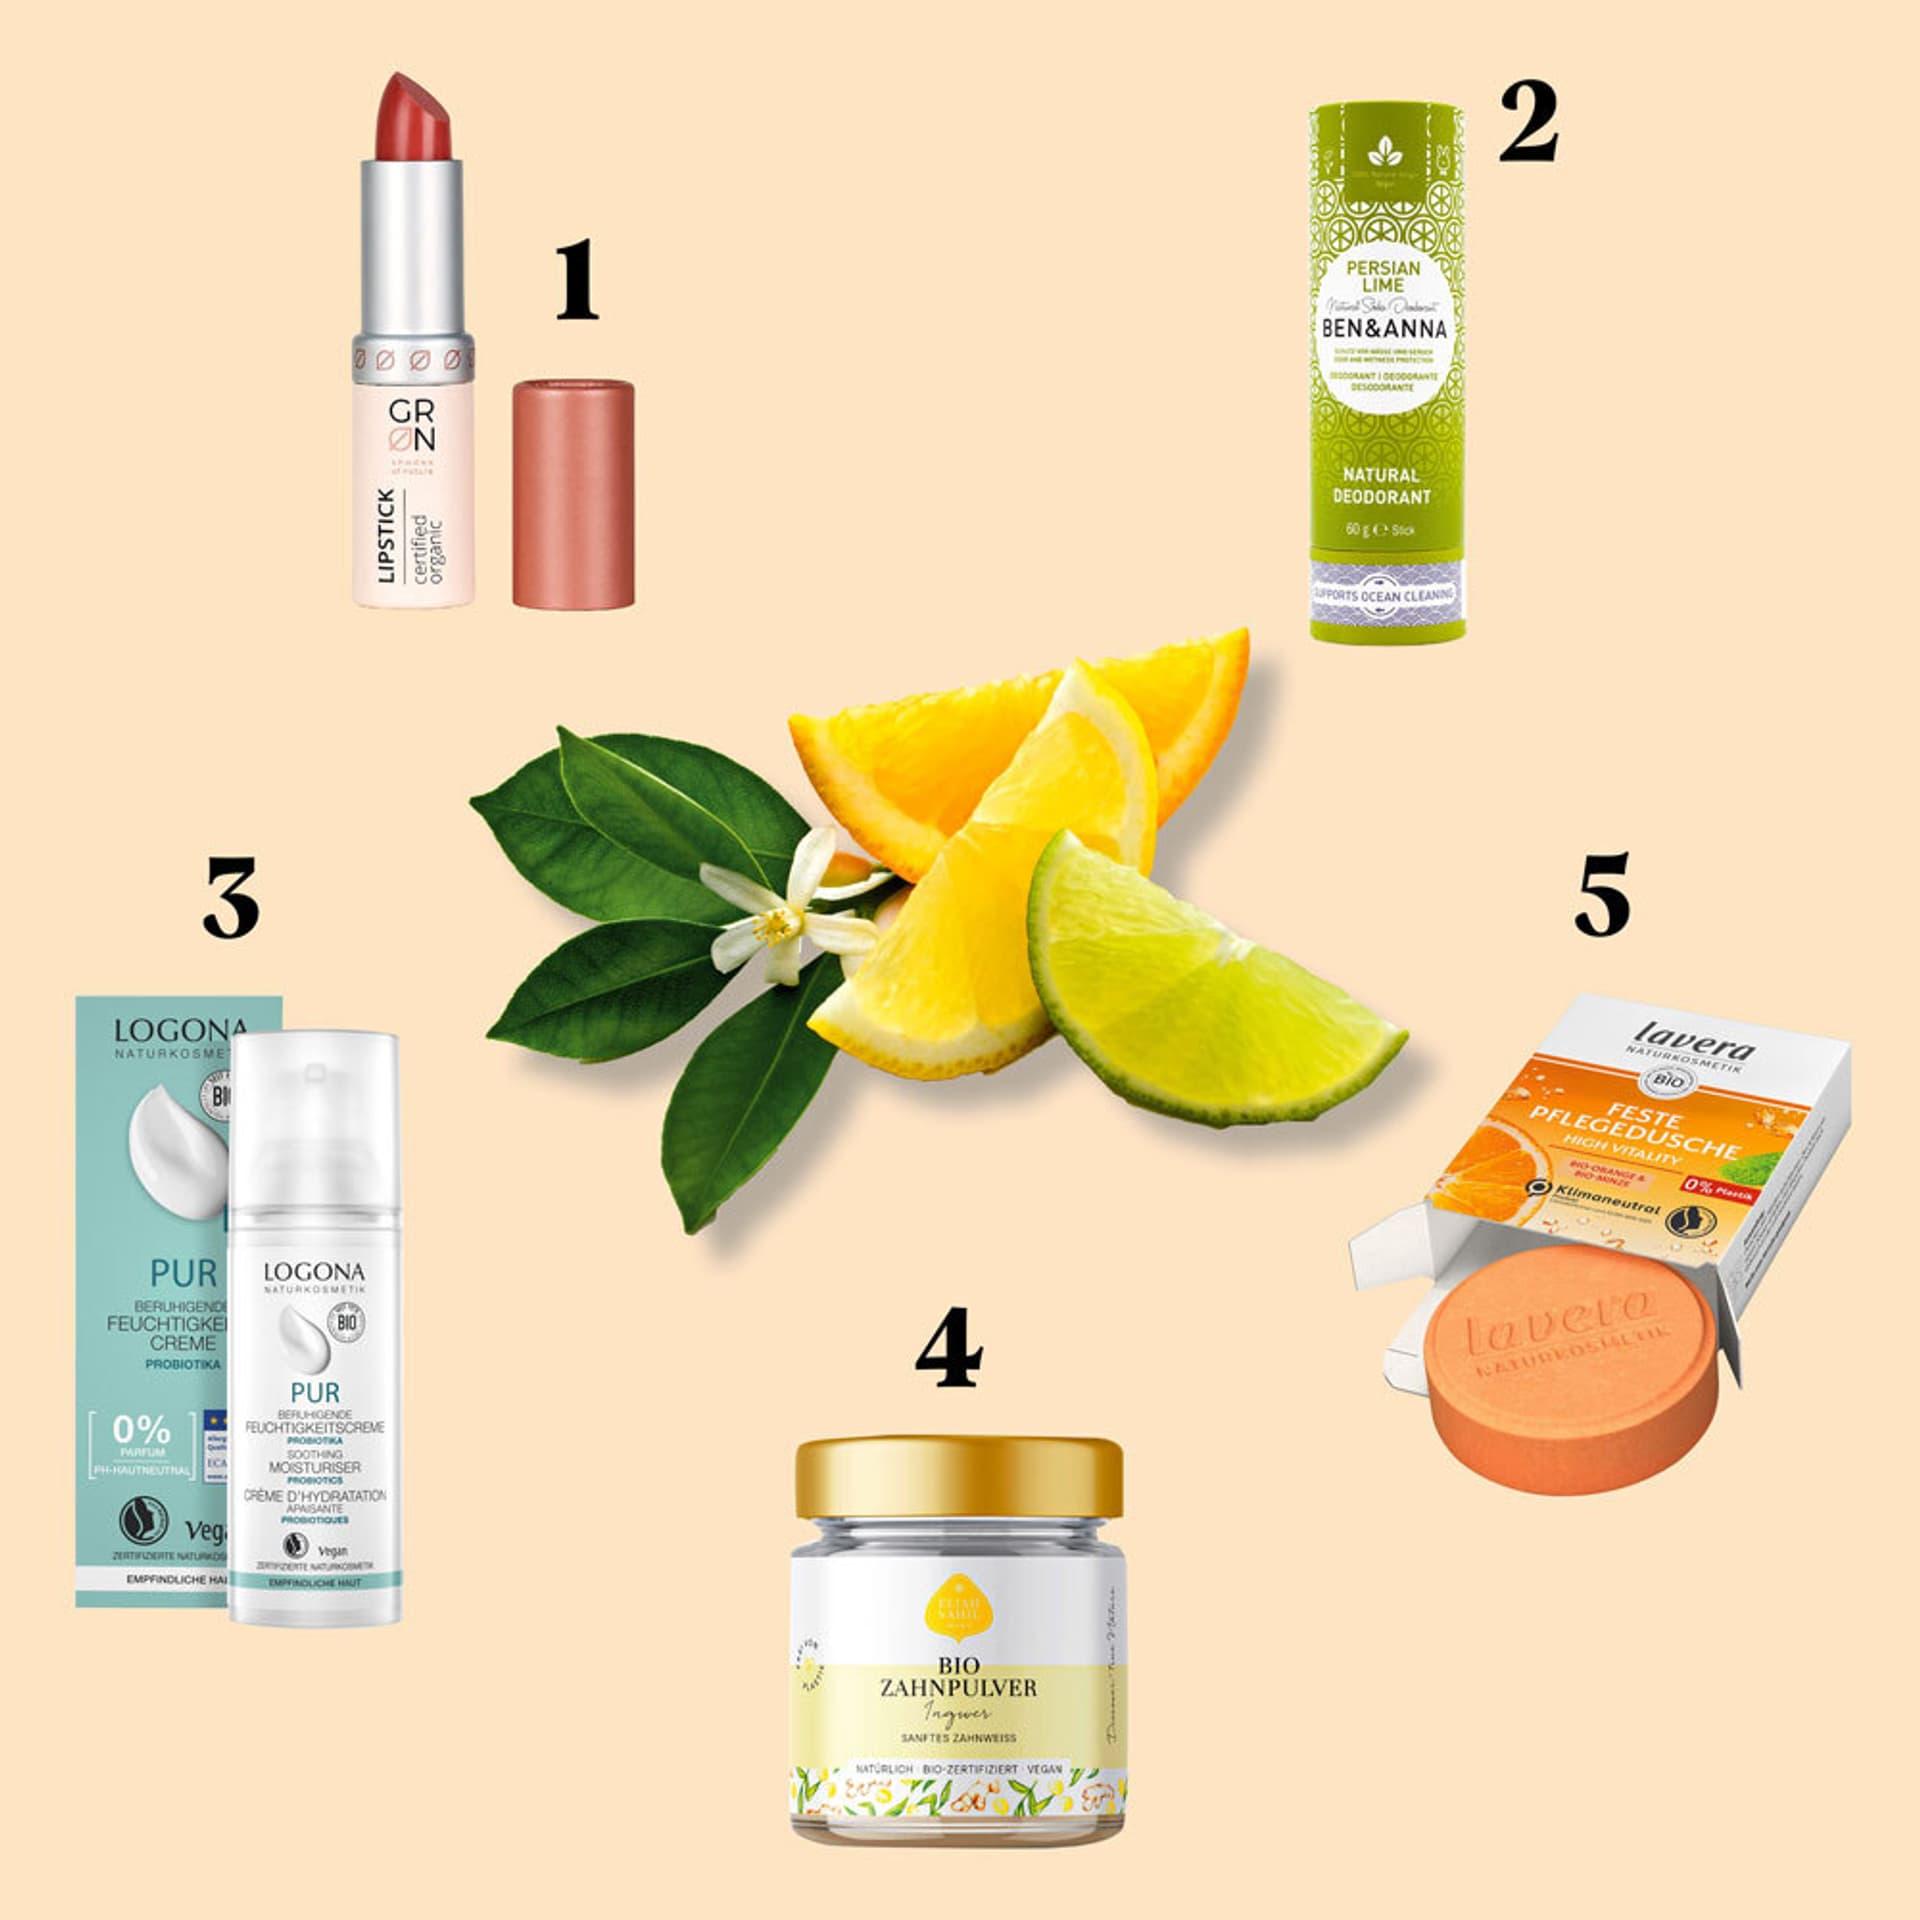 Fünf vegane Kosmetik-Produkte: Lippenstift, Deo, feste Dusche, Zahnpulver, Gesichtscreme